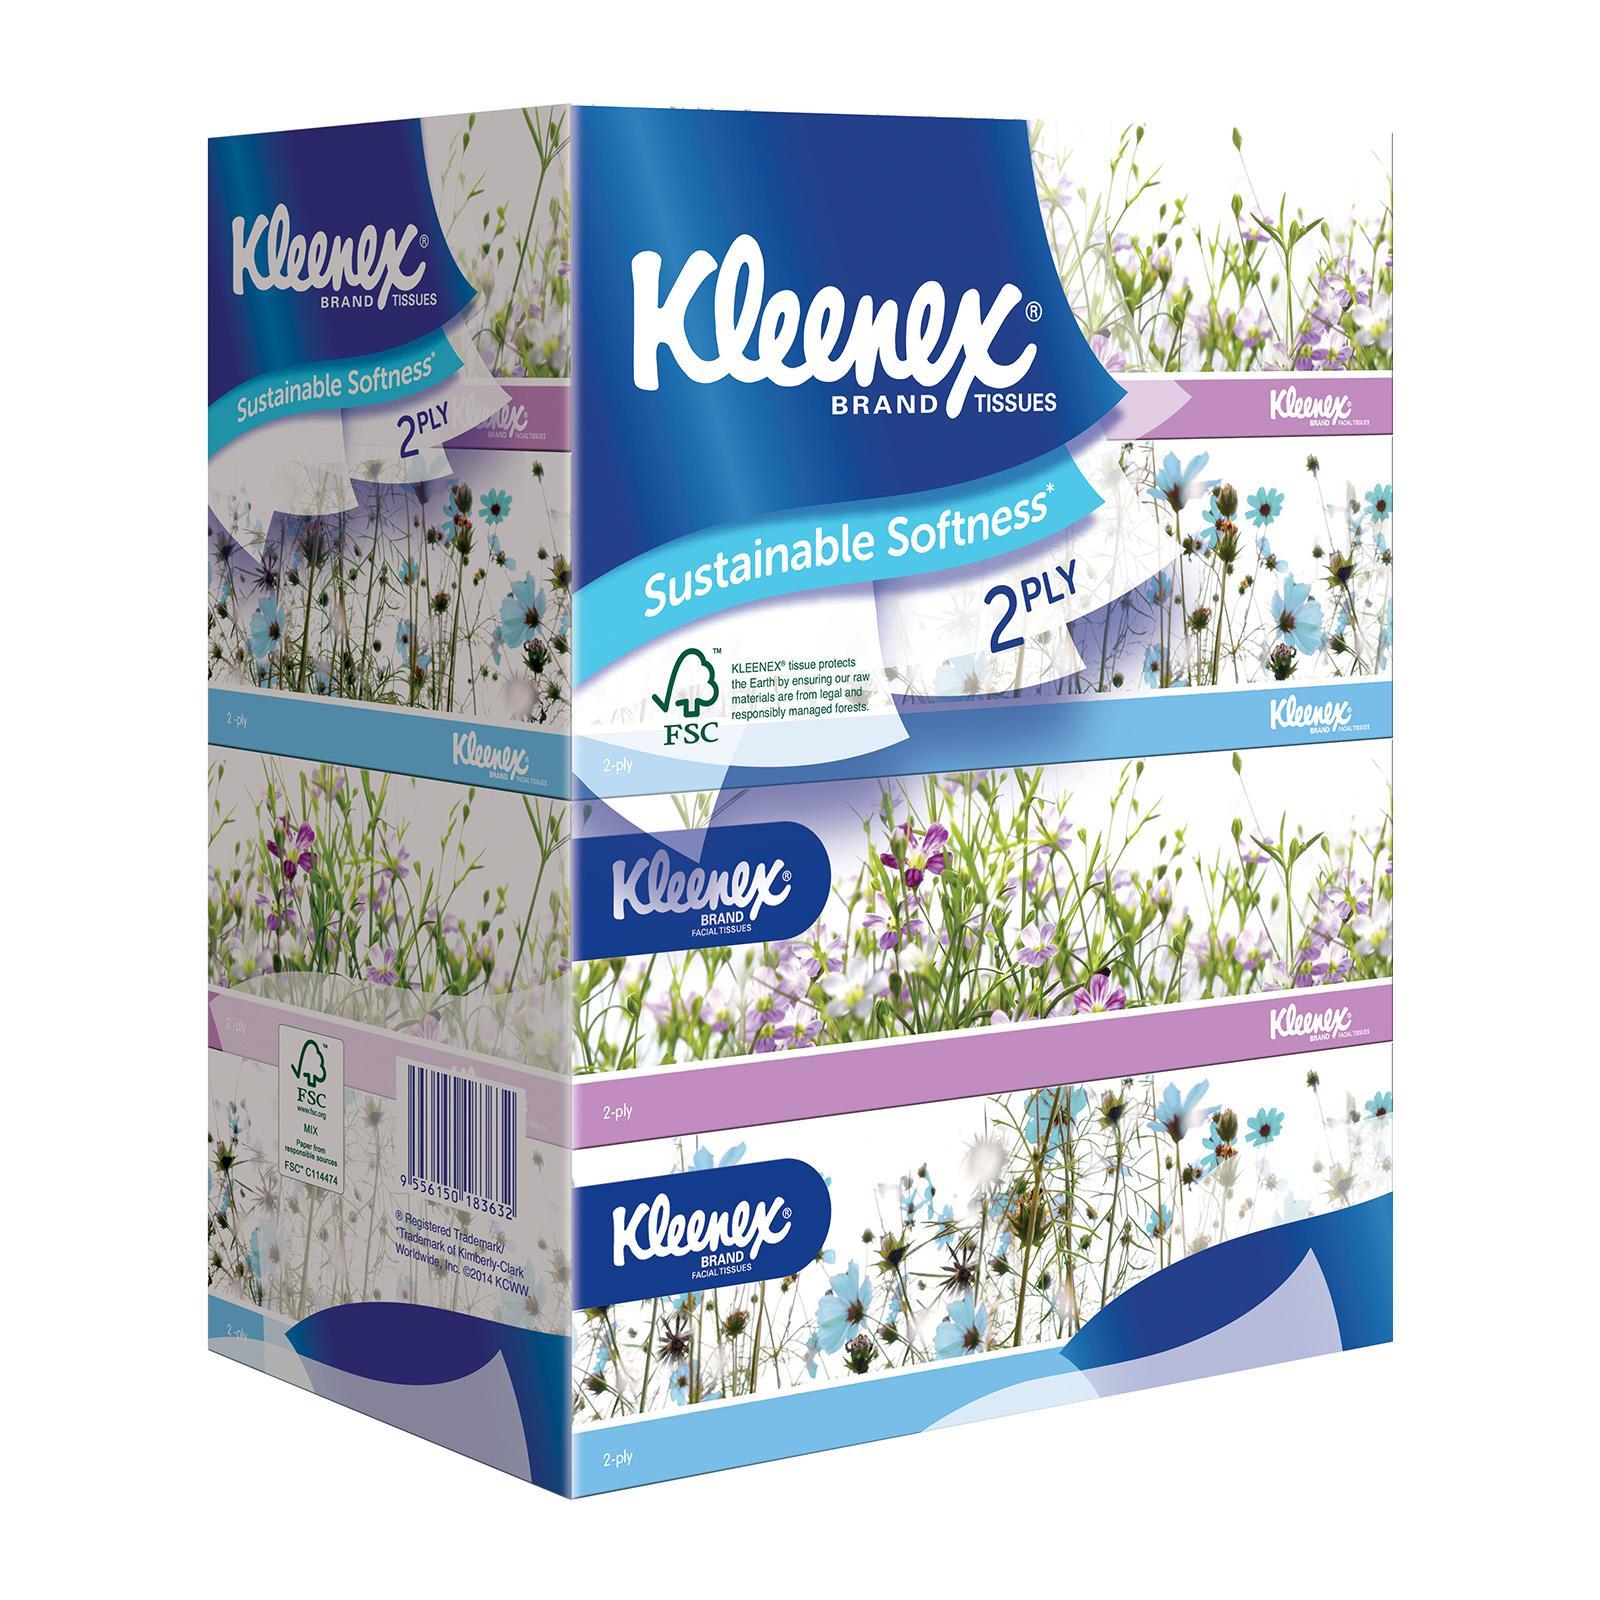 Kleenex 2 Ply Garden Facial Tissues